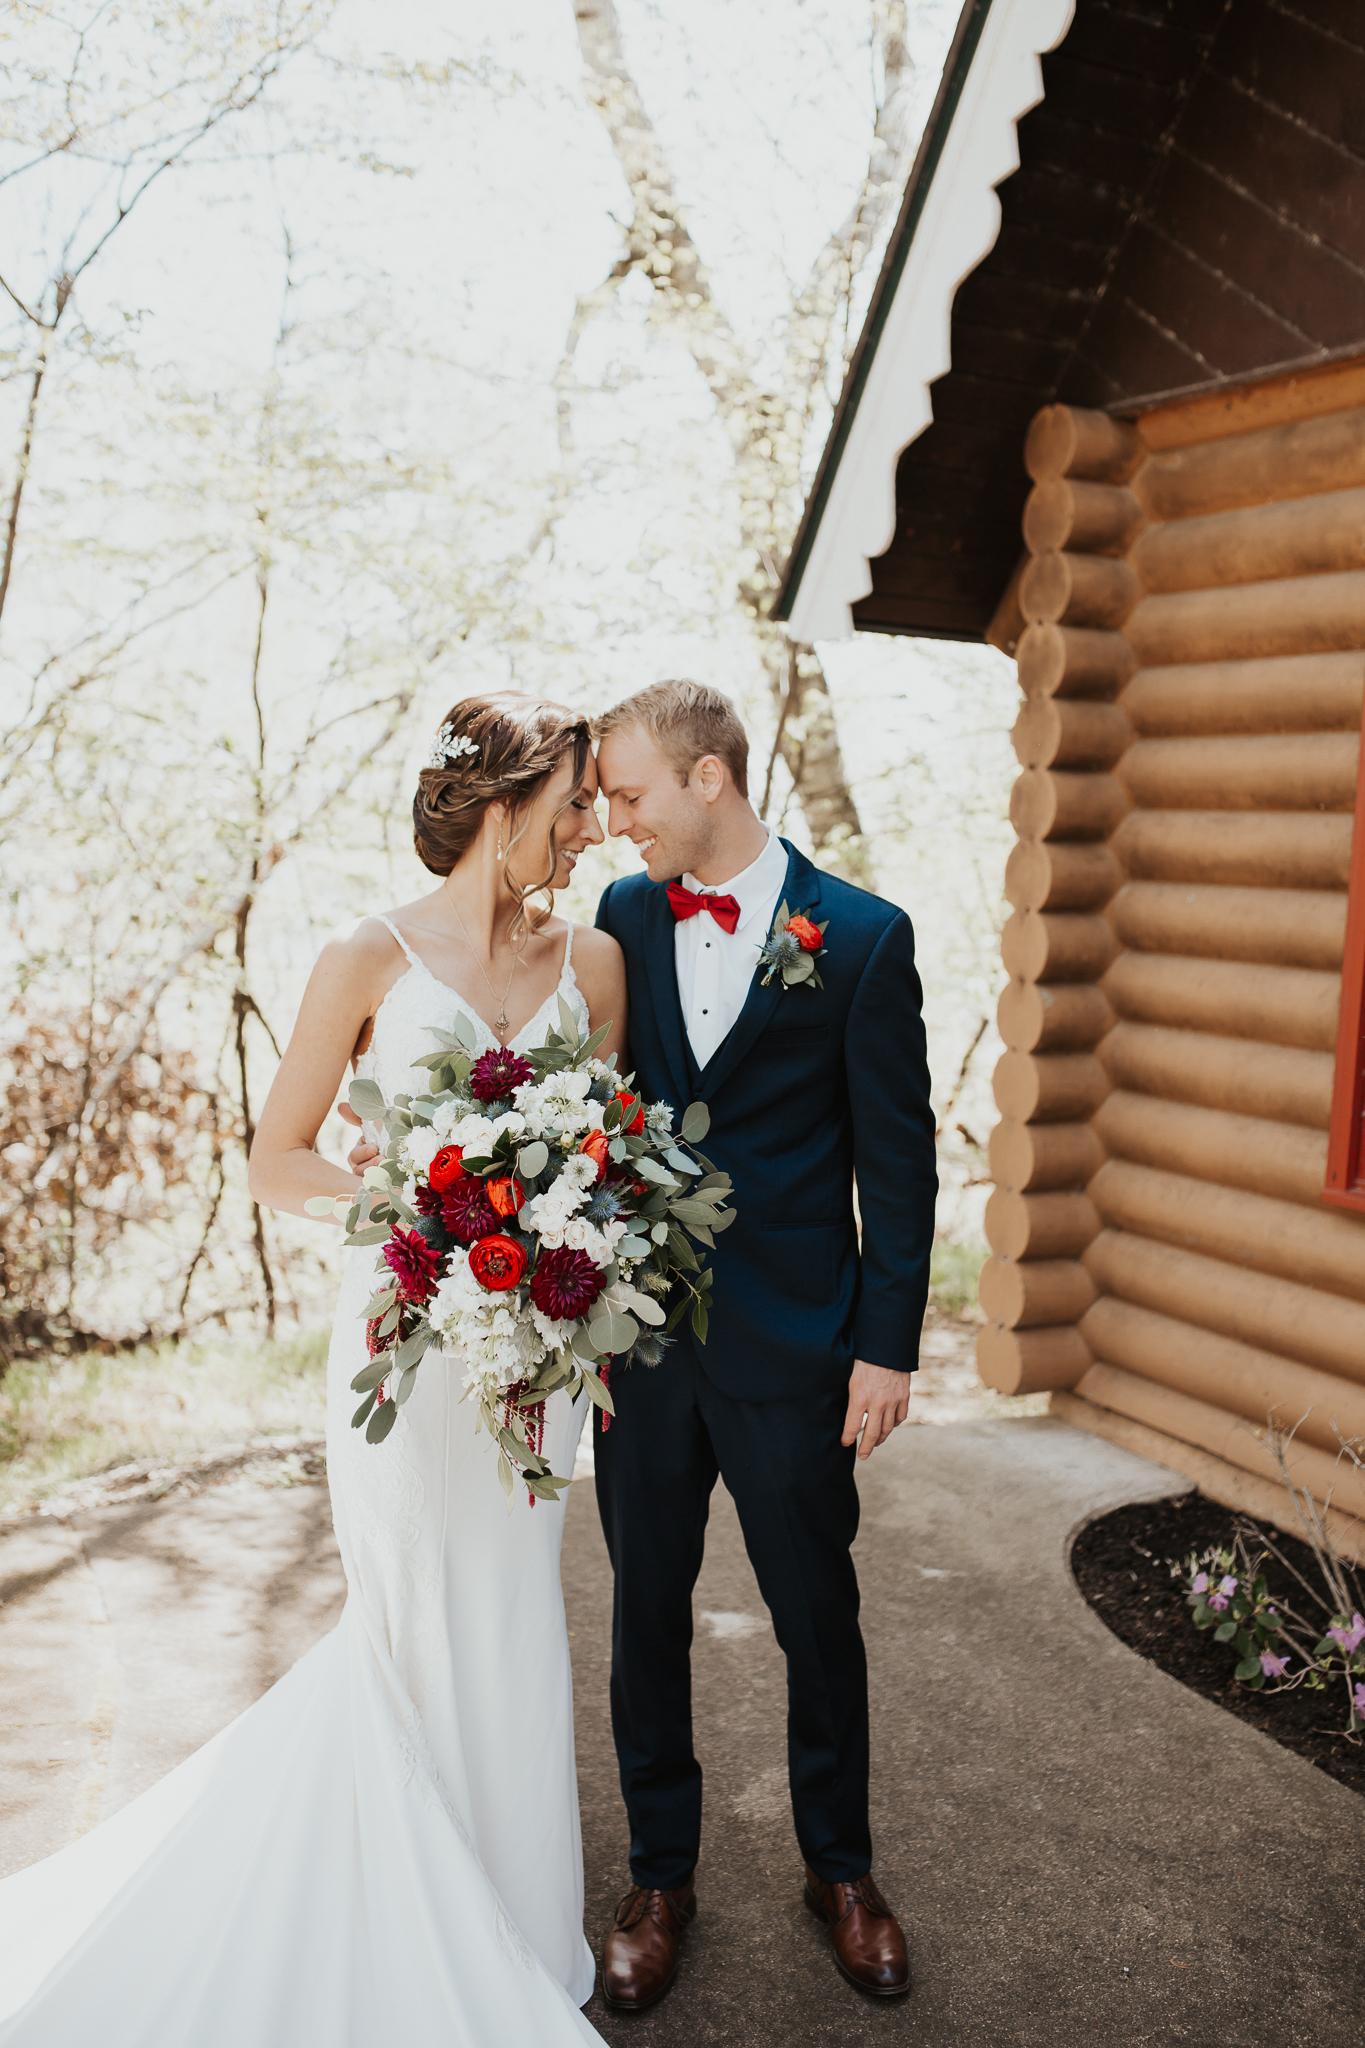 AlexJanie_Wedding-17.jpg